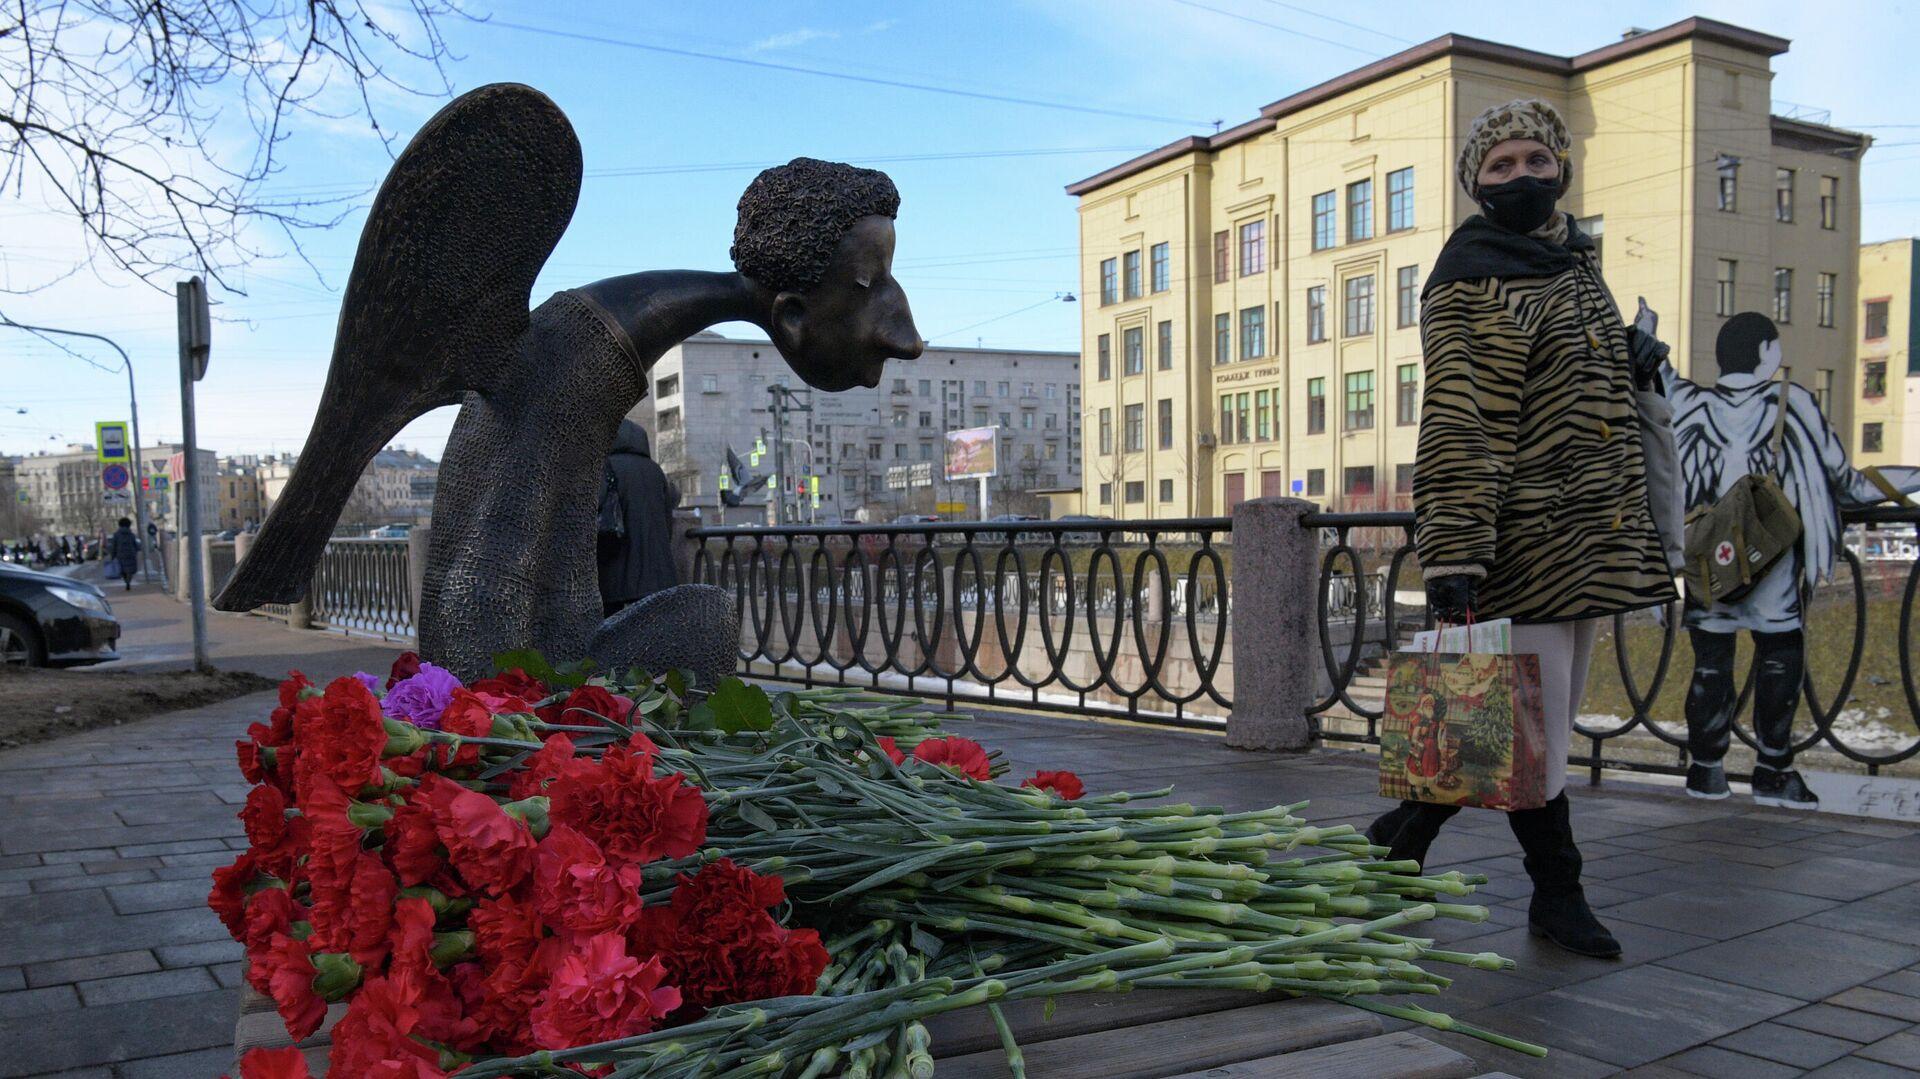 Памятник врачам Печальный ангел в Санкт-Петербурге - РИА Новости, 1920, 03.03.2021